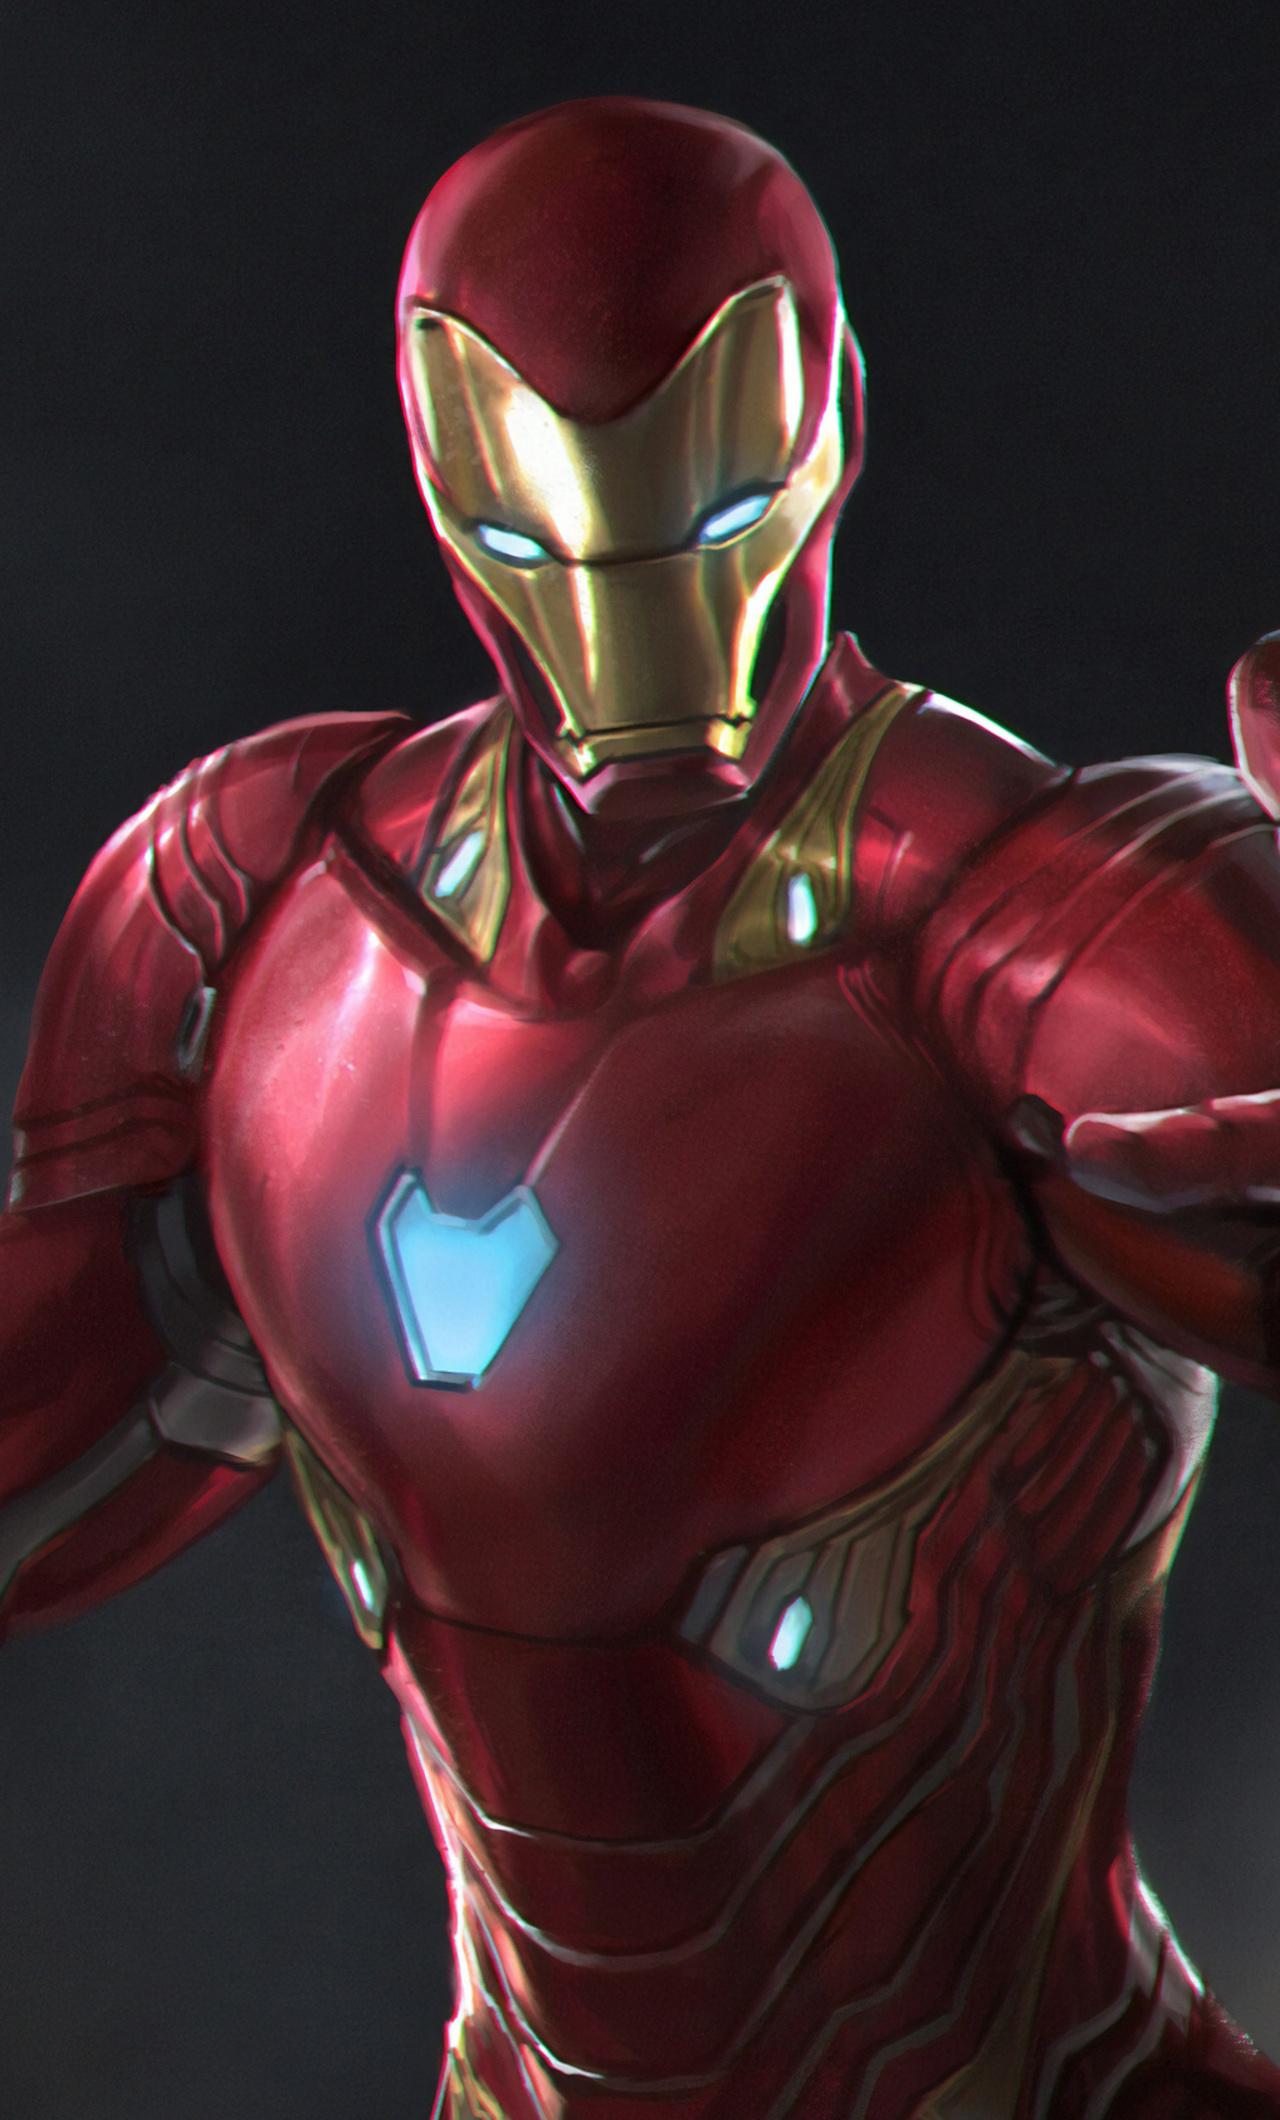 iron-man-newart-vd.jpg